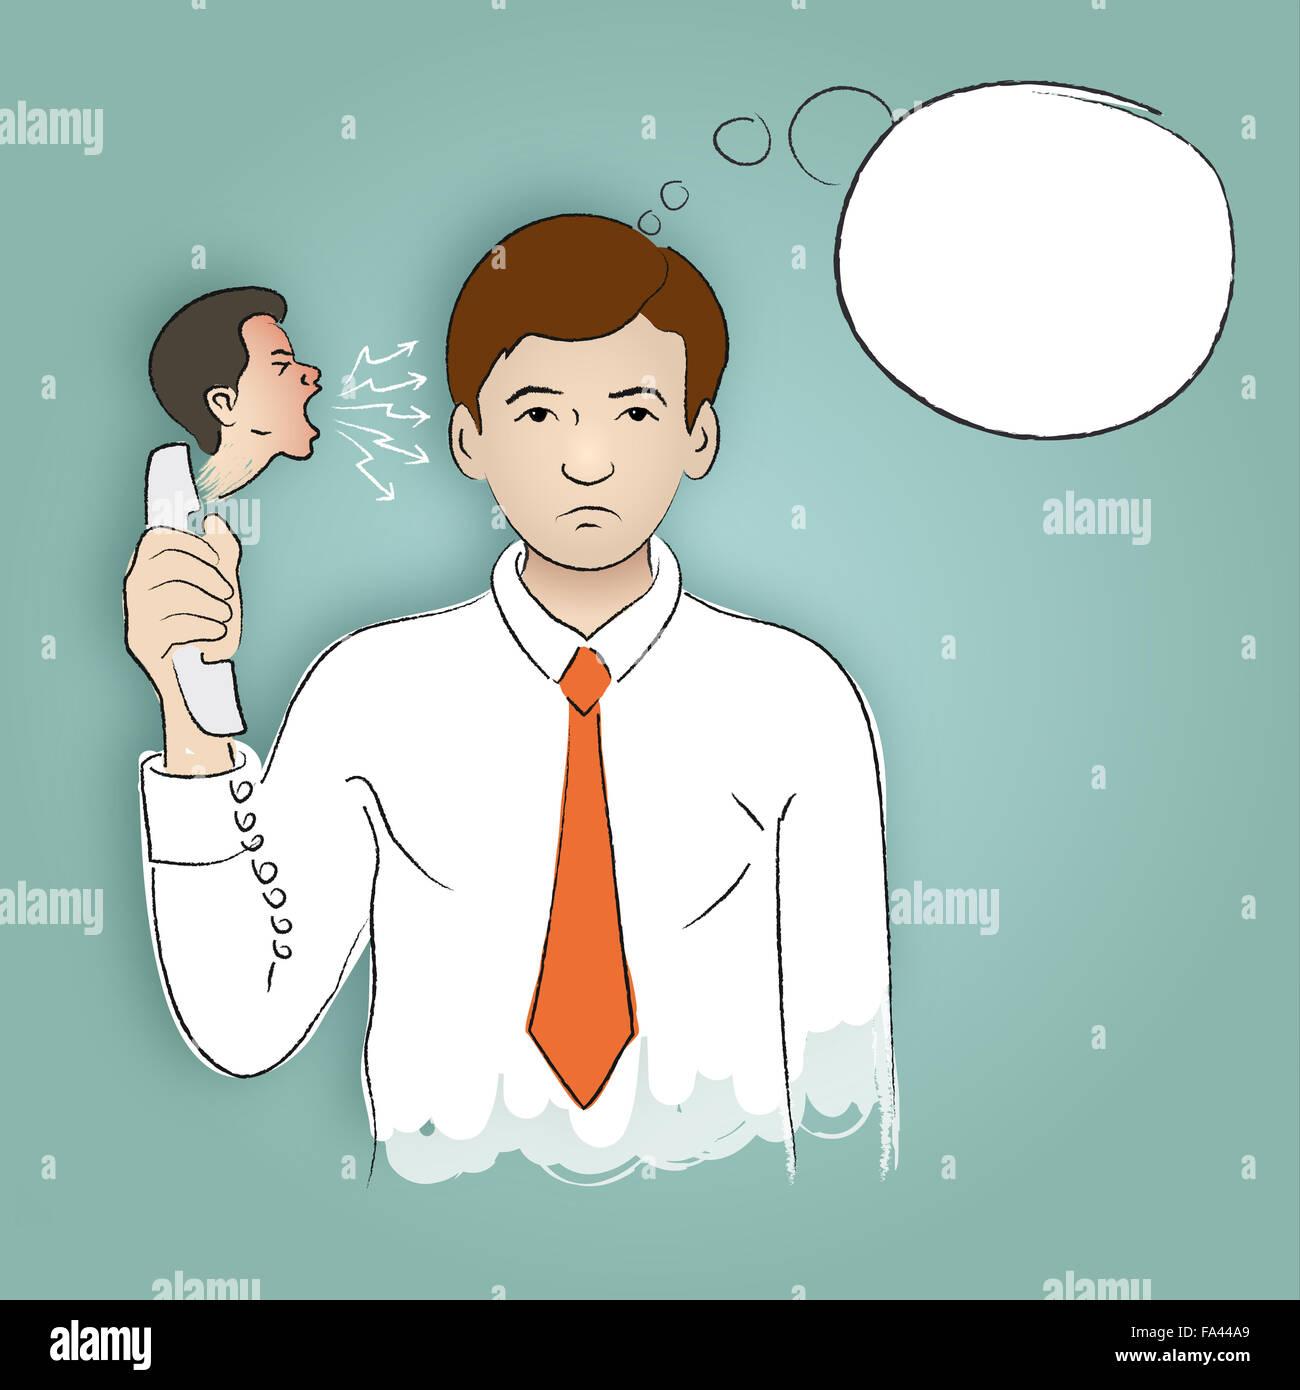 Dessin libre illustrant une appel, conversation entre patron et sous-fifre, ou membres de la famille Photo Stock